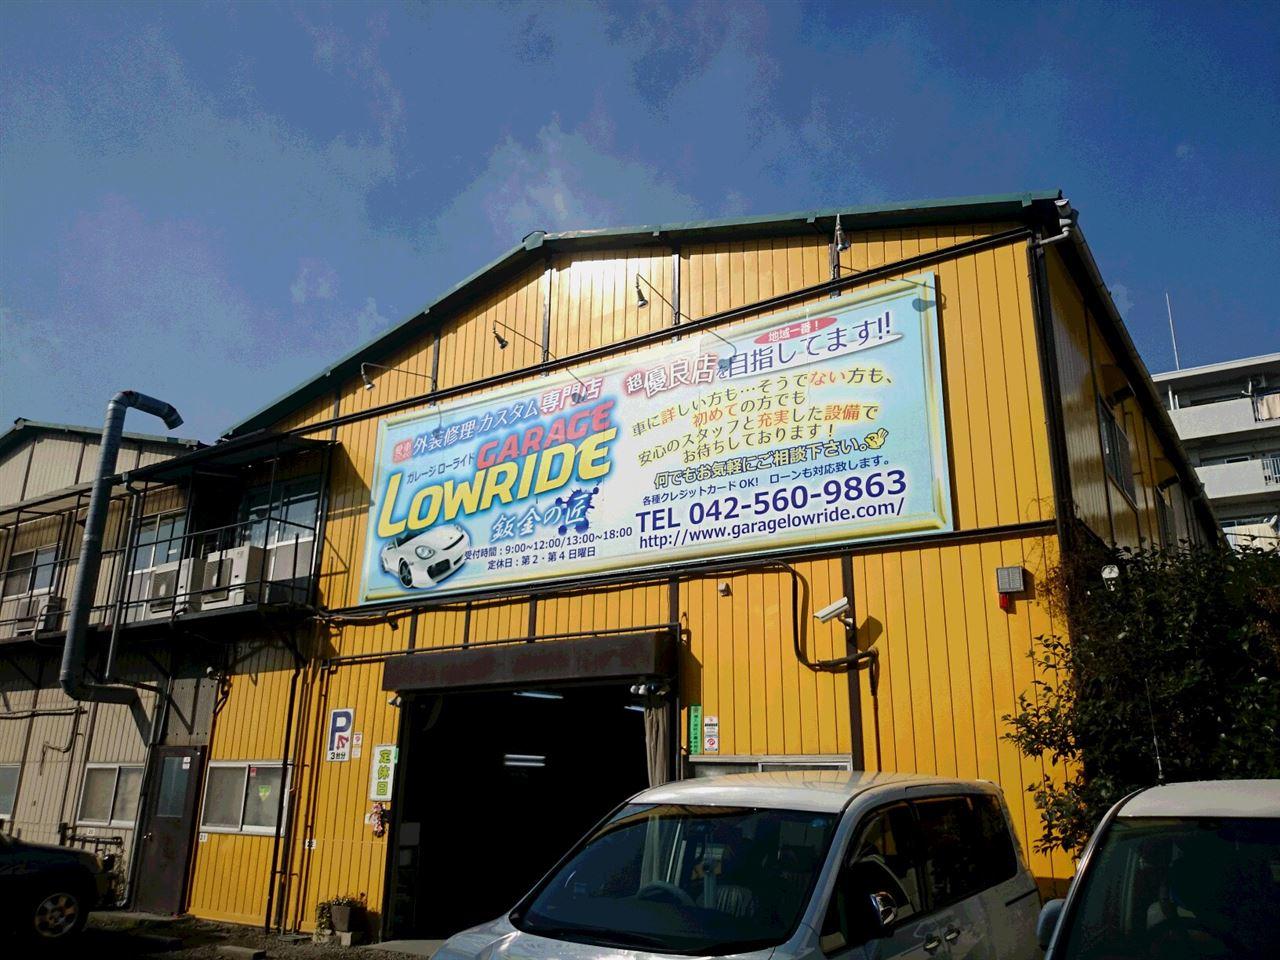 東京都立川市の車の板金塗装修理工場 ガレージローライドの工場リニューアルです。